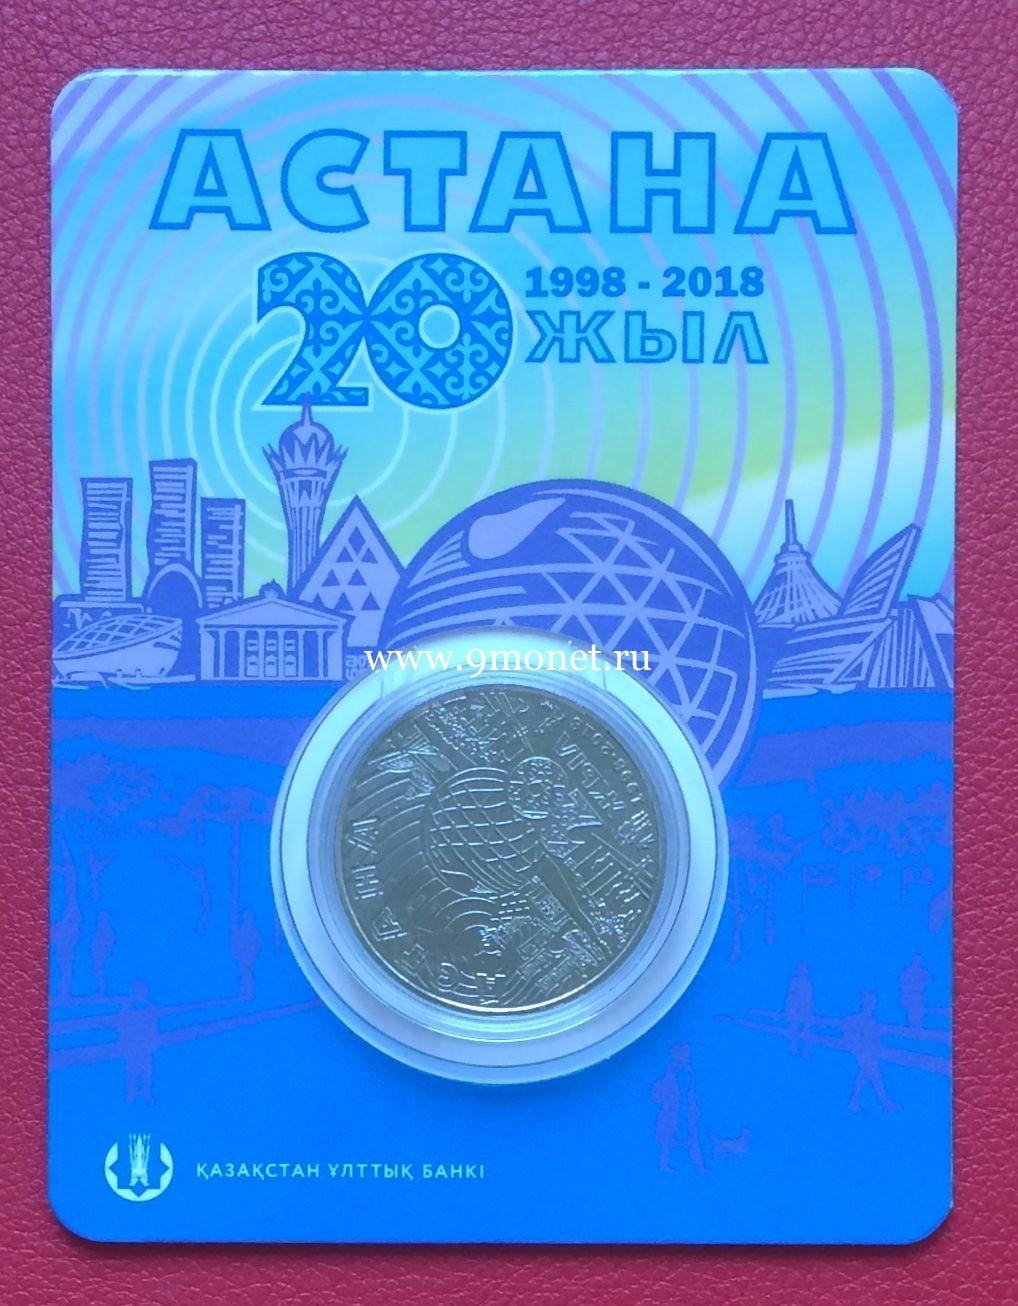 Казахстан 100 тенге 2018 Астана 20 лет. (блистер)